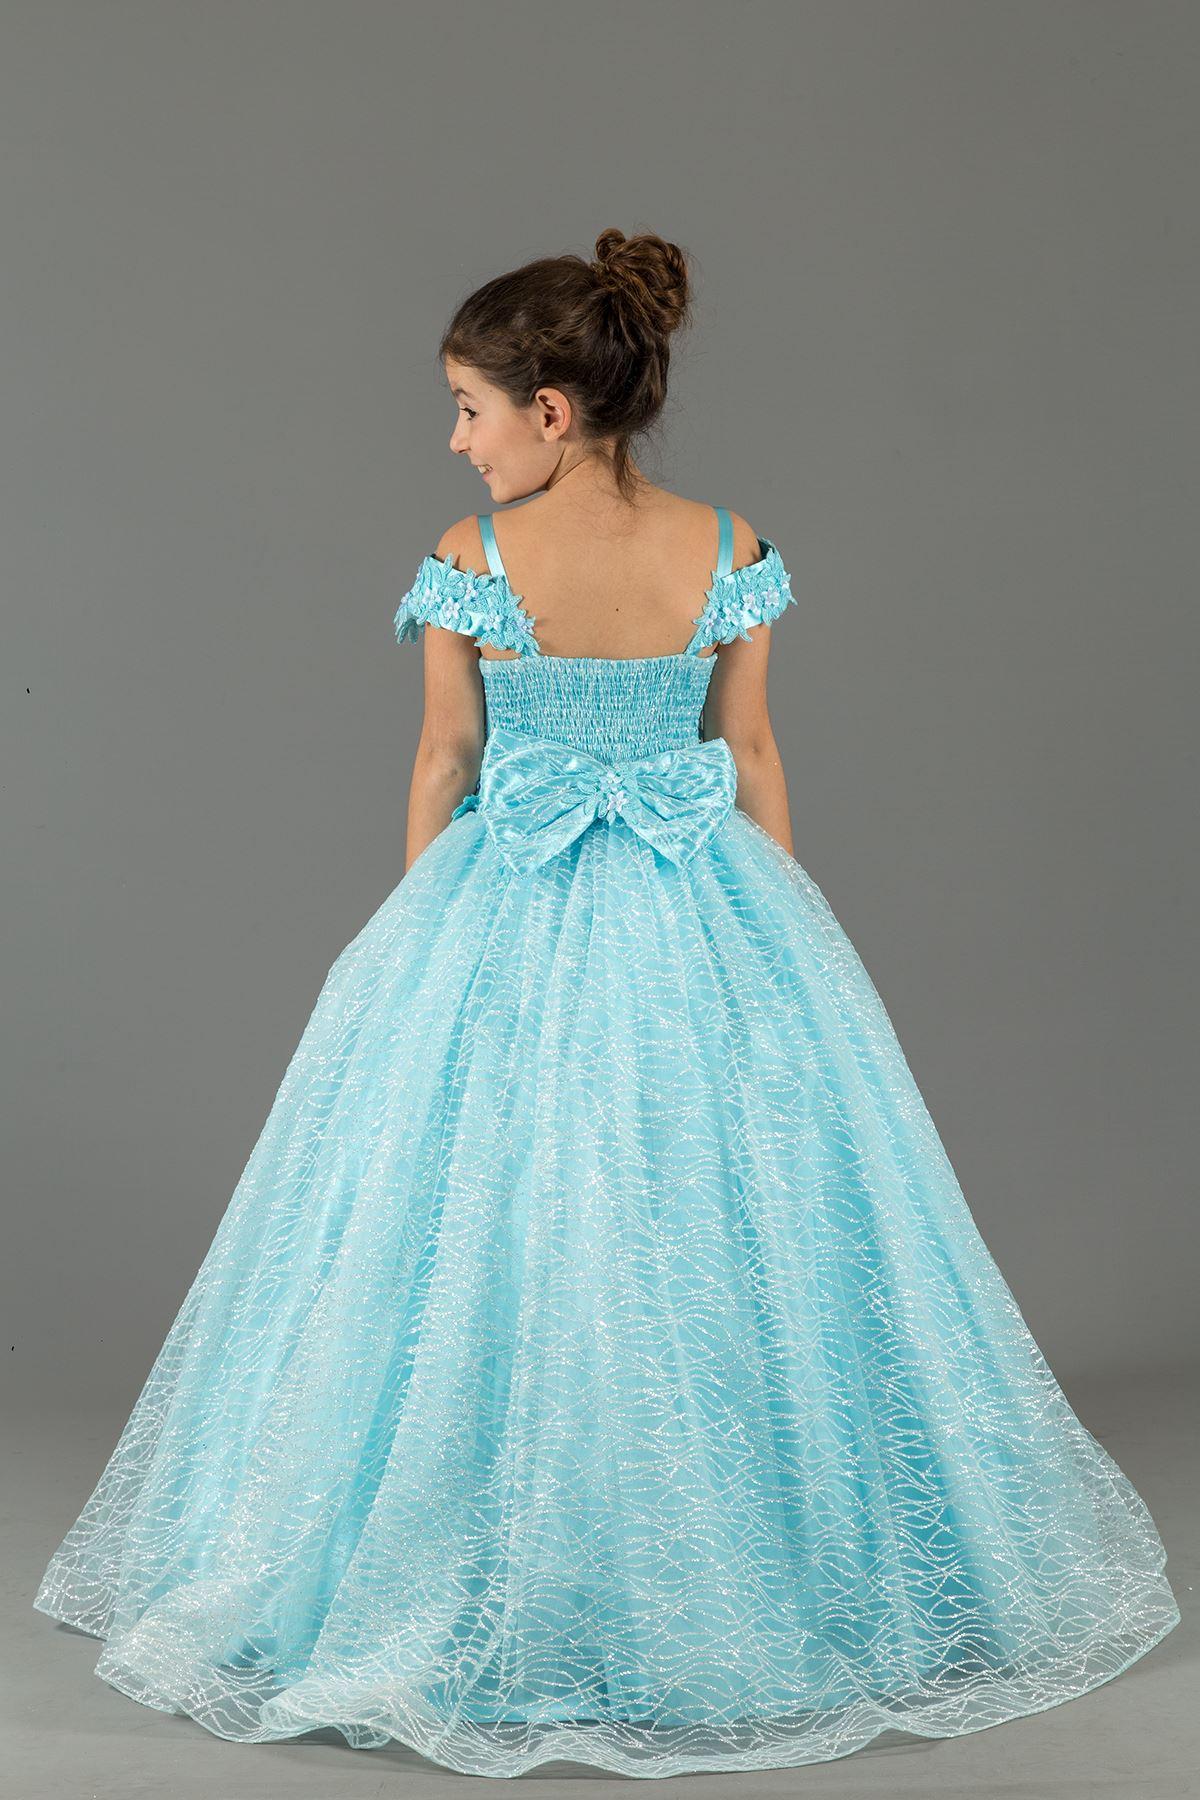 כסוף בהתאמה אישית, צוואר מדונה, שמלת ערב פלאפית מיושמת 576 תכלת